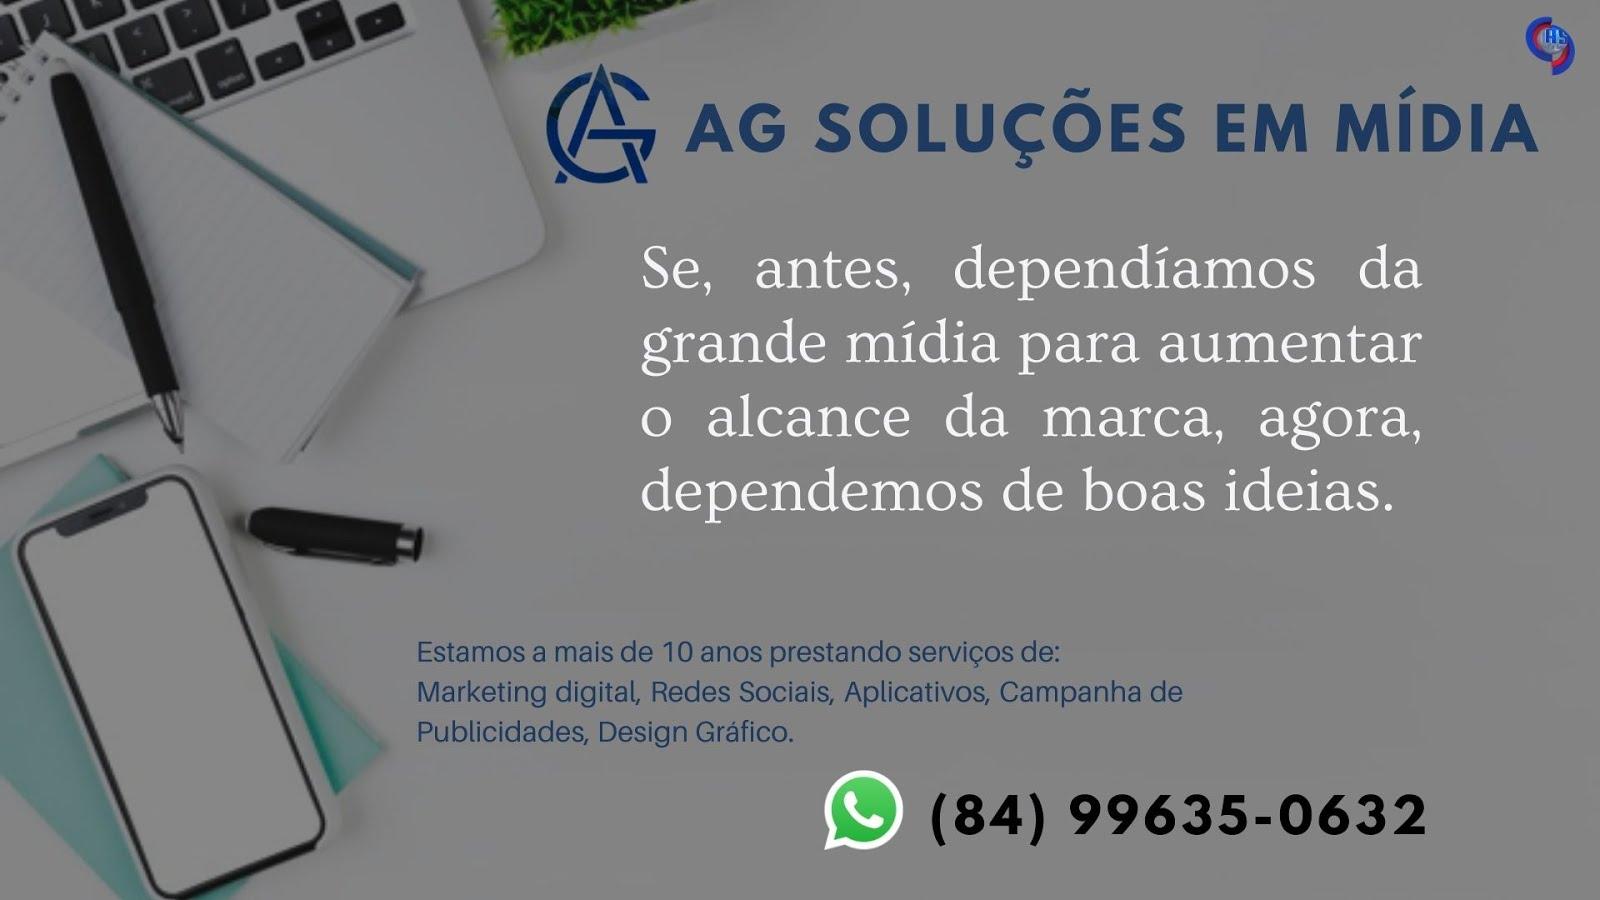 AG Soluções em Mídia